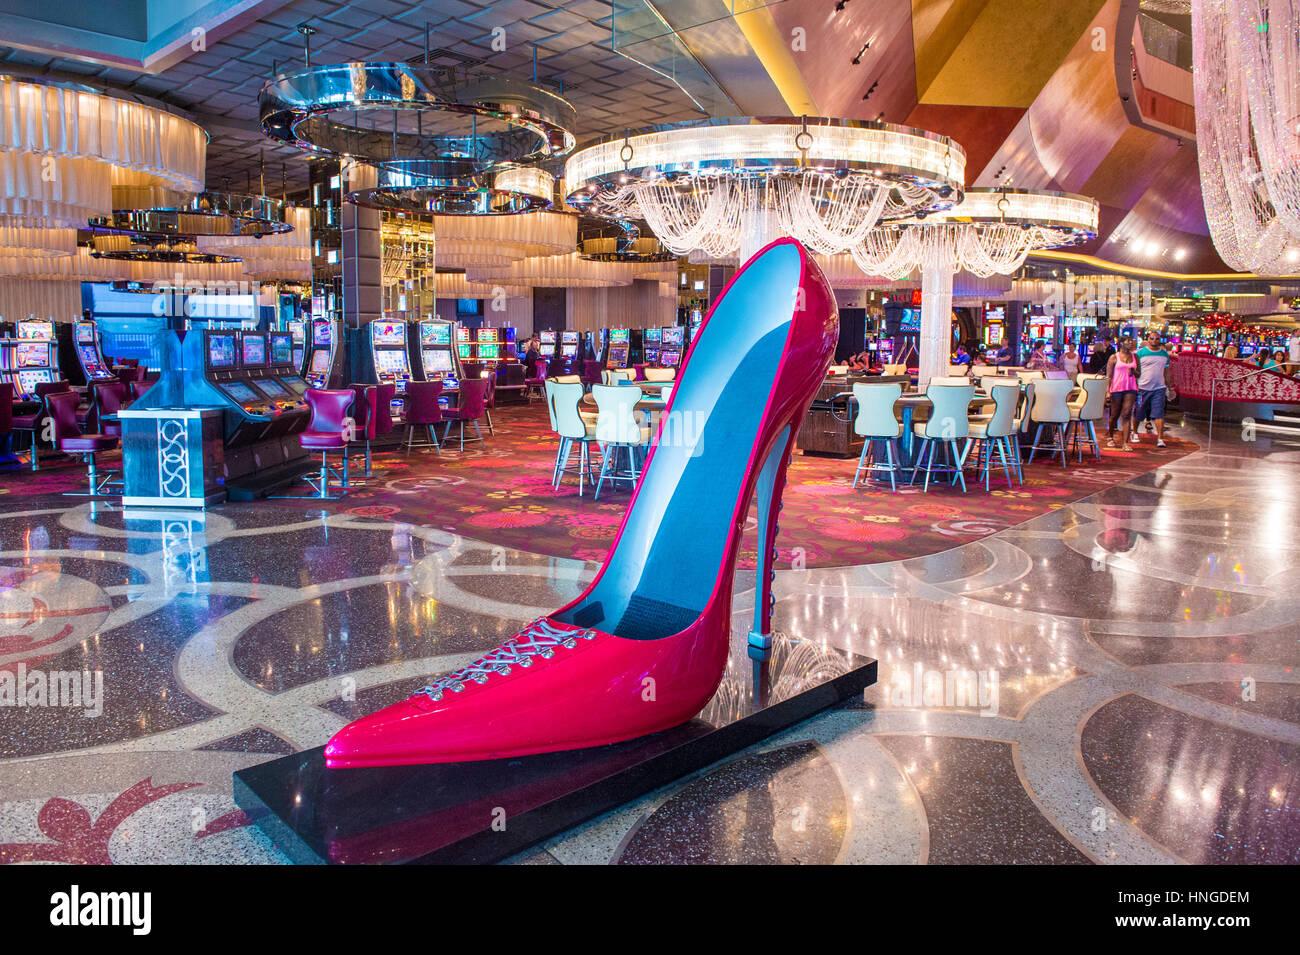 Das kosmopolitische Hotel & Casino in Las Vegas. Das Cosmopolitan wurde 2010 eröffnet und bietet 2.995 Zimmer und Stockfoto